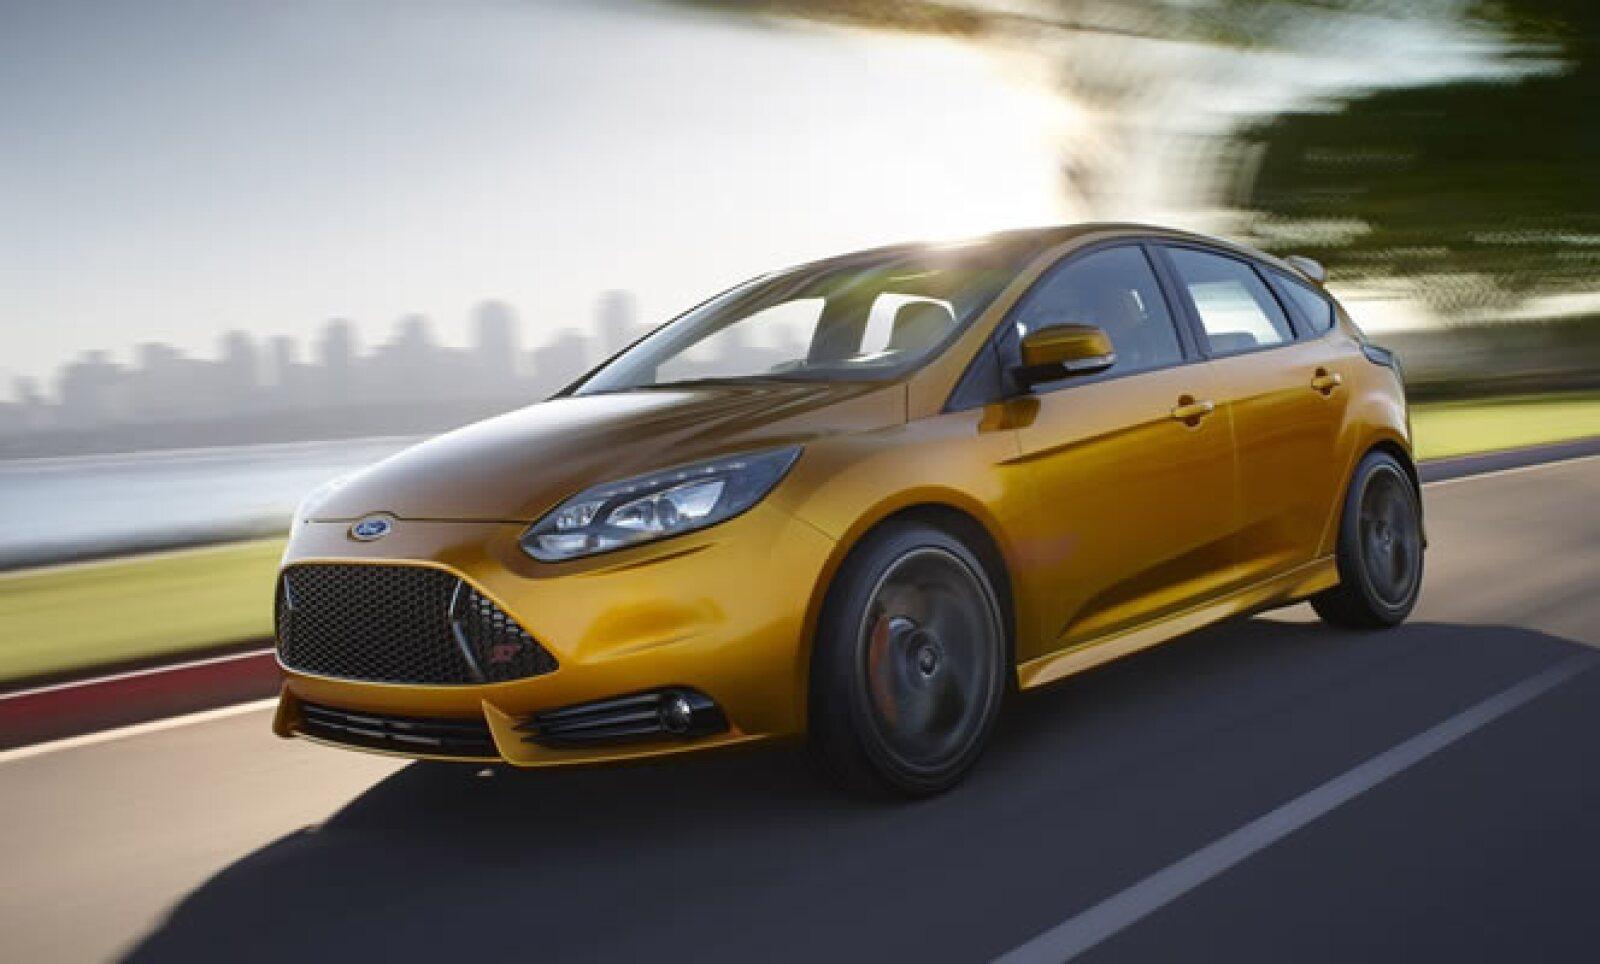 Los últimos cuatro finalistas en la lista, tras conjuntar los votos del jurado participante, fueron Nissan March, Suzuki Swift, Ford Focus y Audi A7.